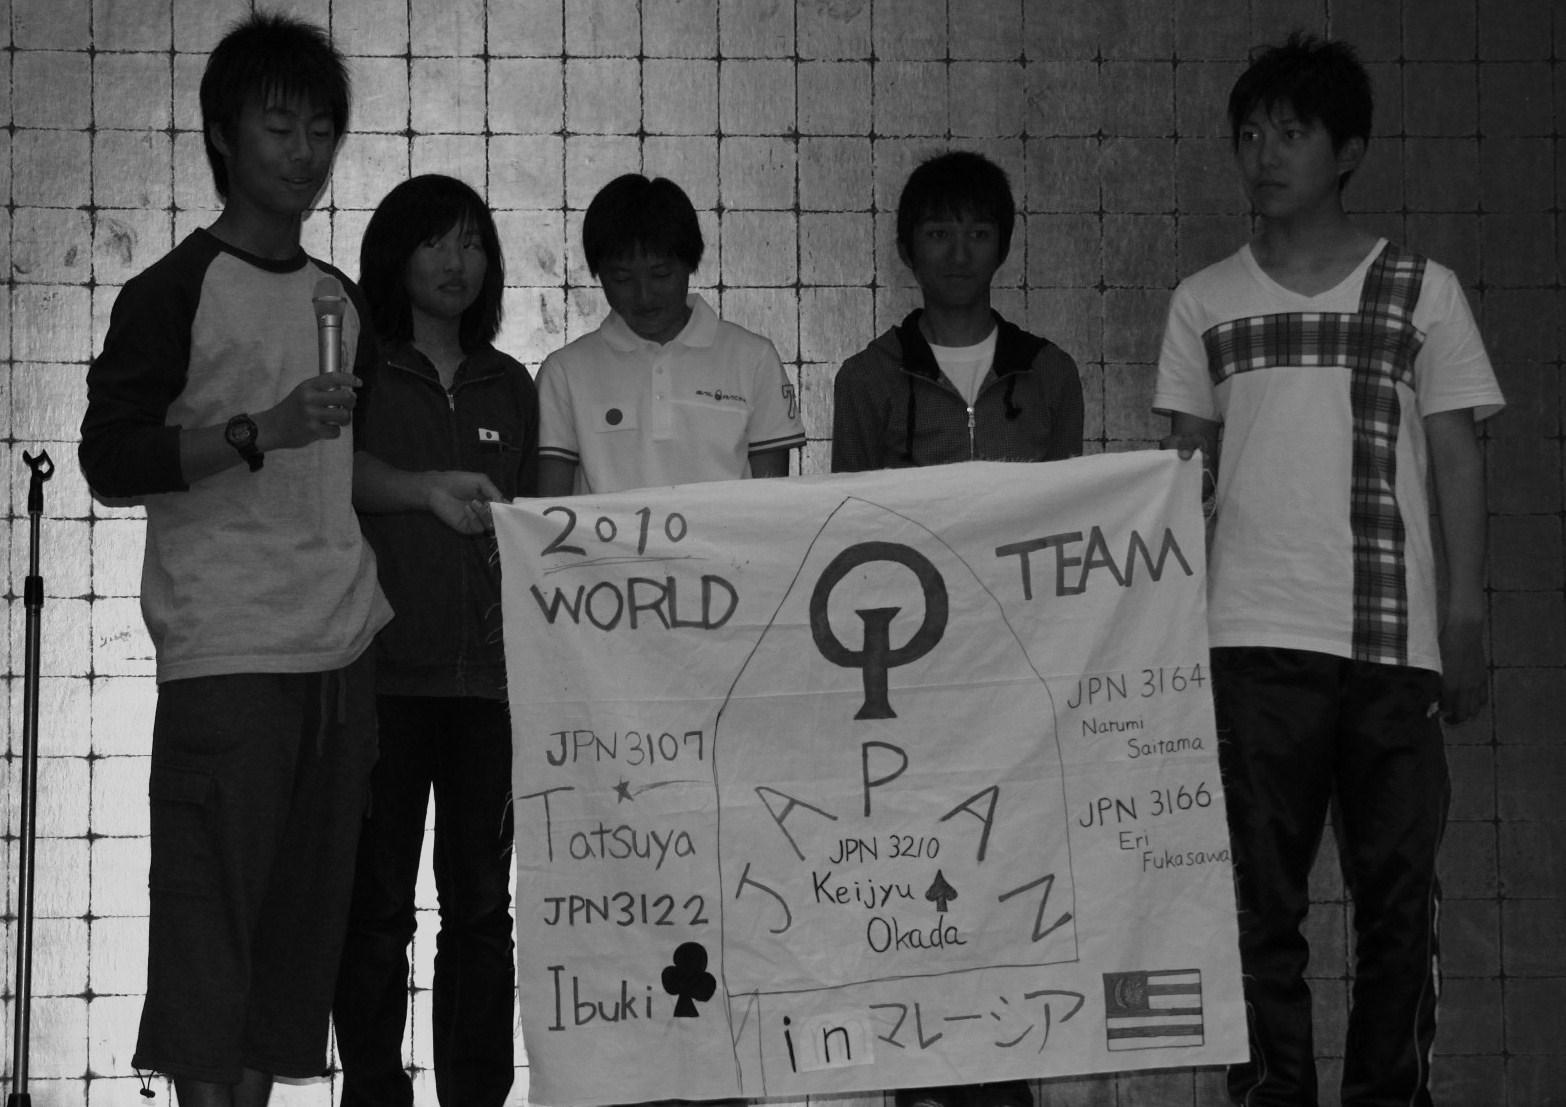 2010ナショナルチーム合宿_d0157239_14544868.jpg